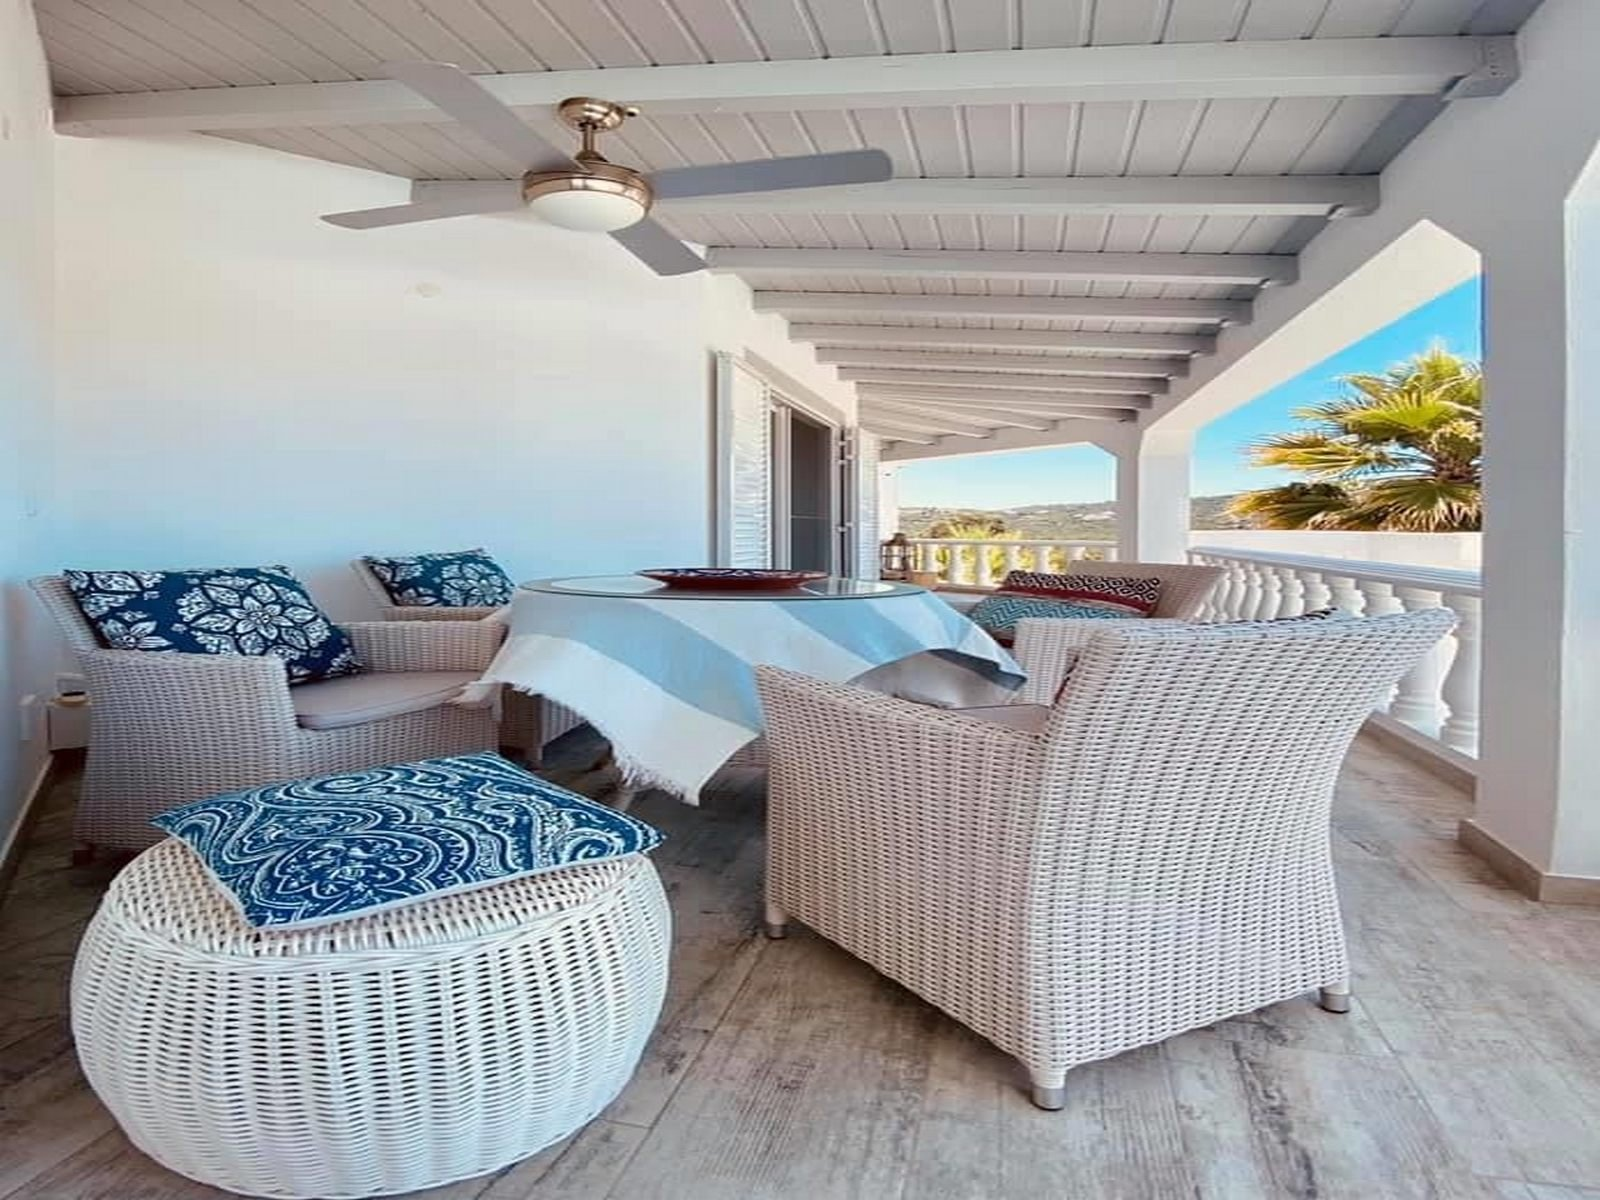 3 Bedroom Villa Sao Bras de Alportel, Central Algarve Ref: PV3636